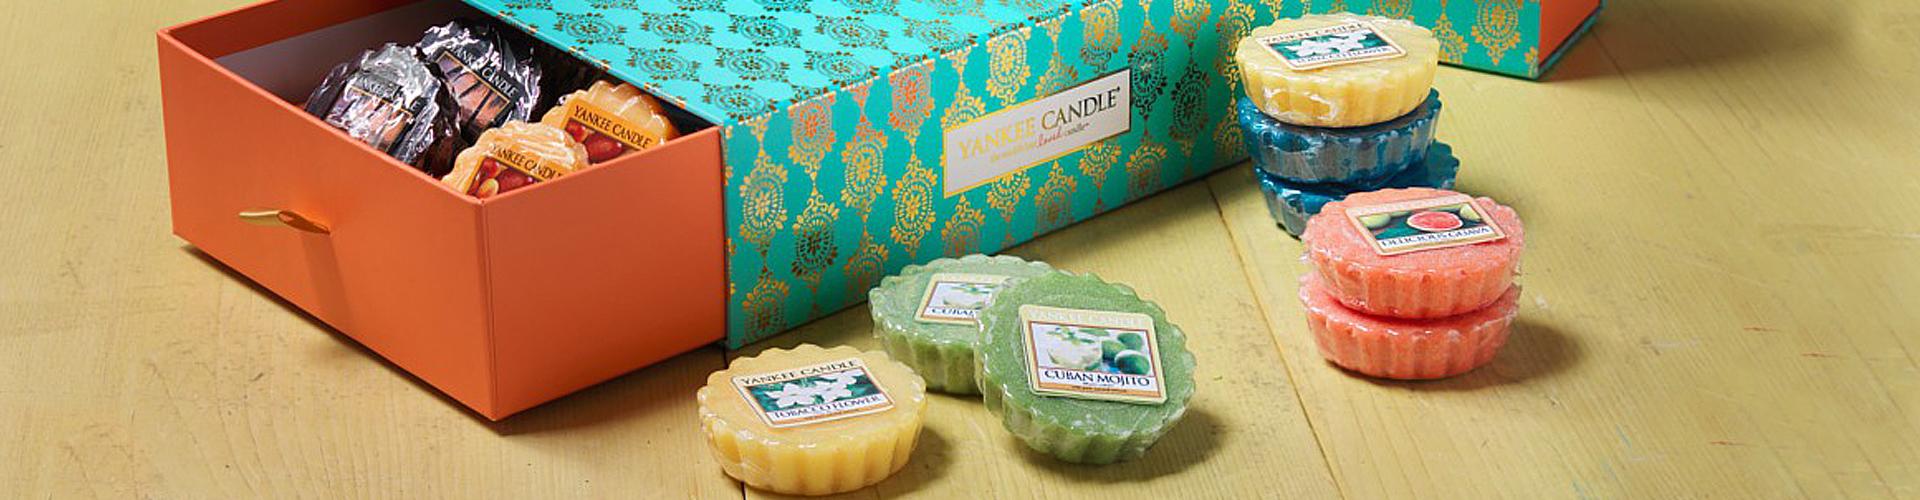 yankee candle wax tarts